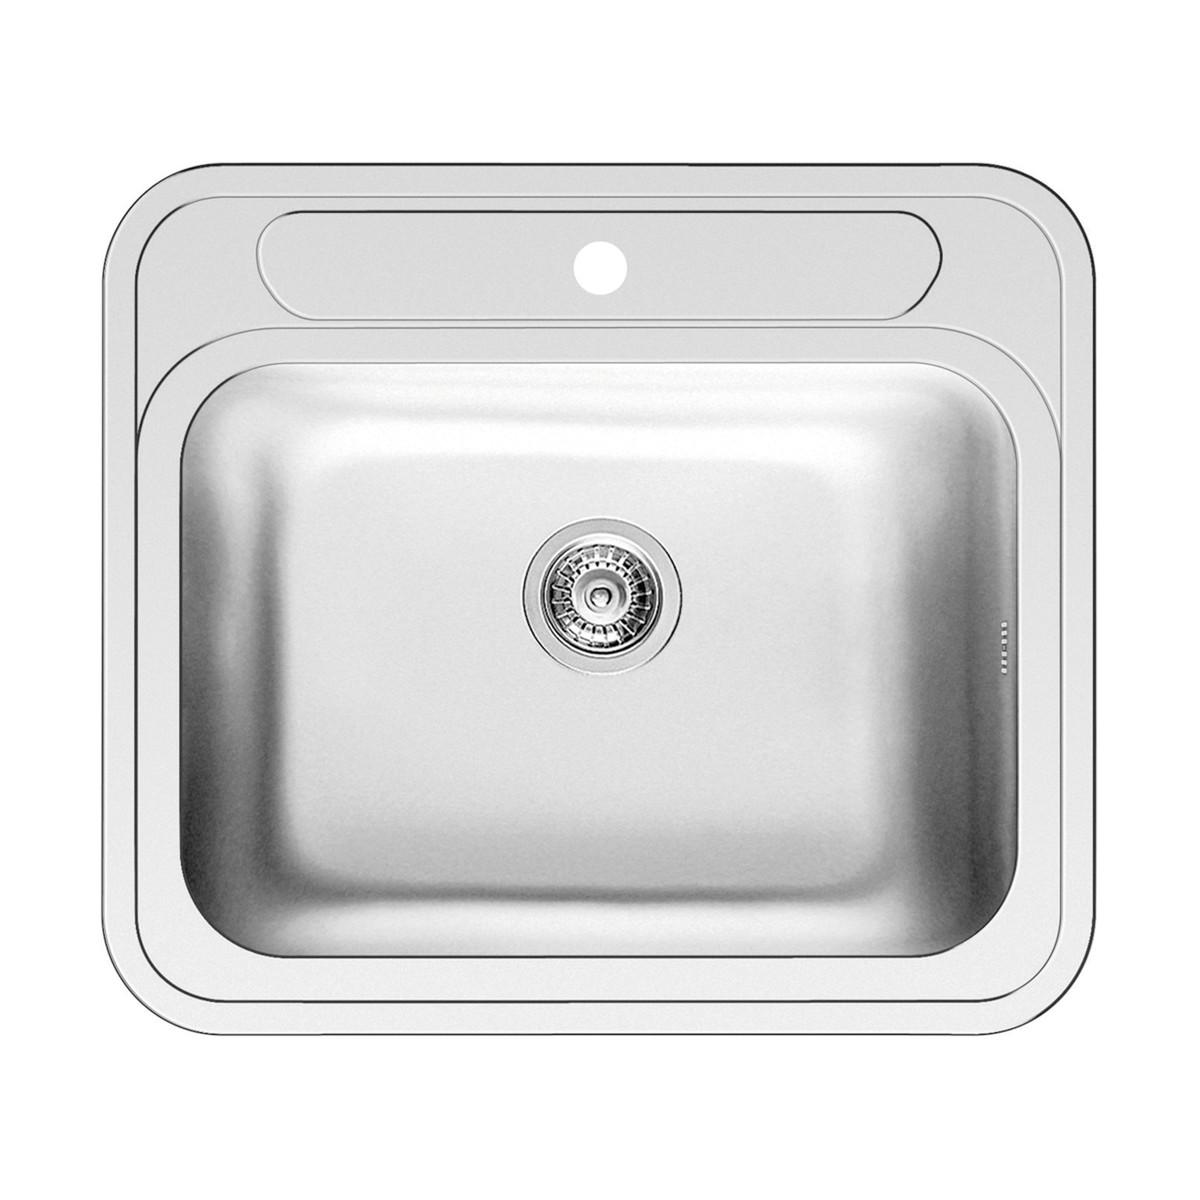 Lavello incasso kubo l 58 x p 51 cm 1 vasca prezzi e - Lavelli da incasso per cucina ...